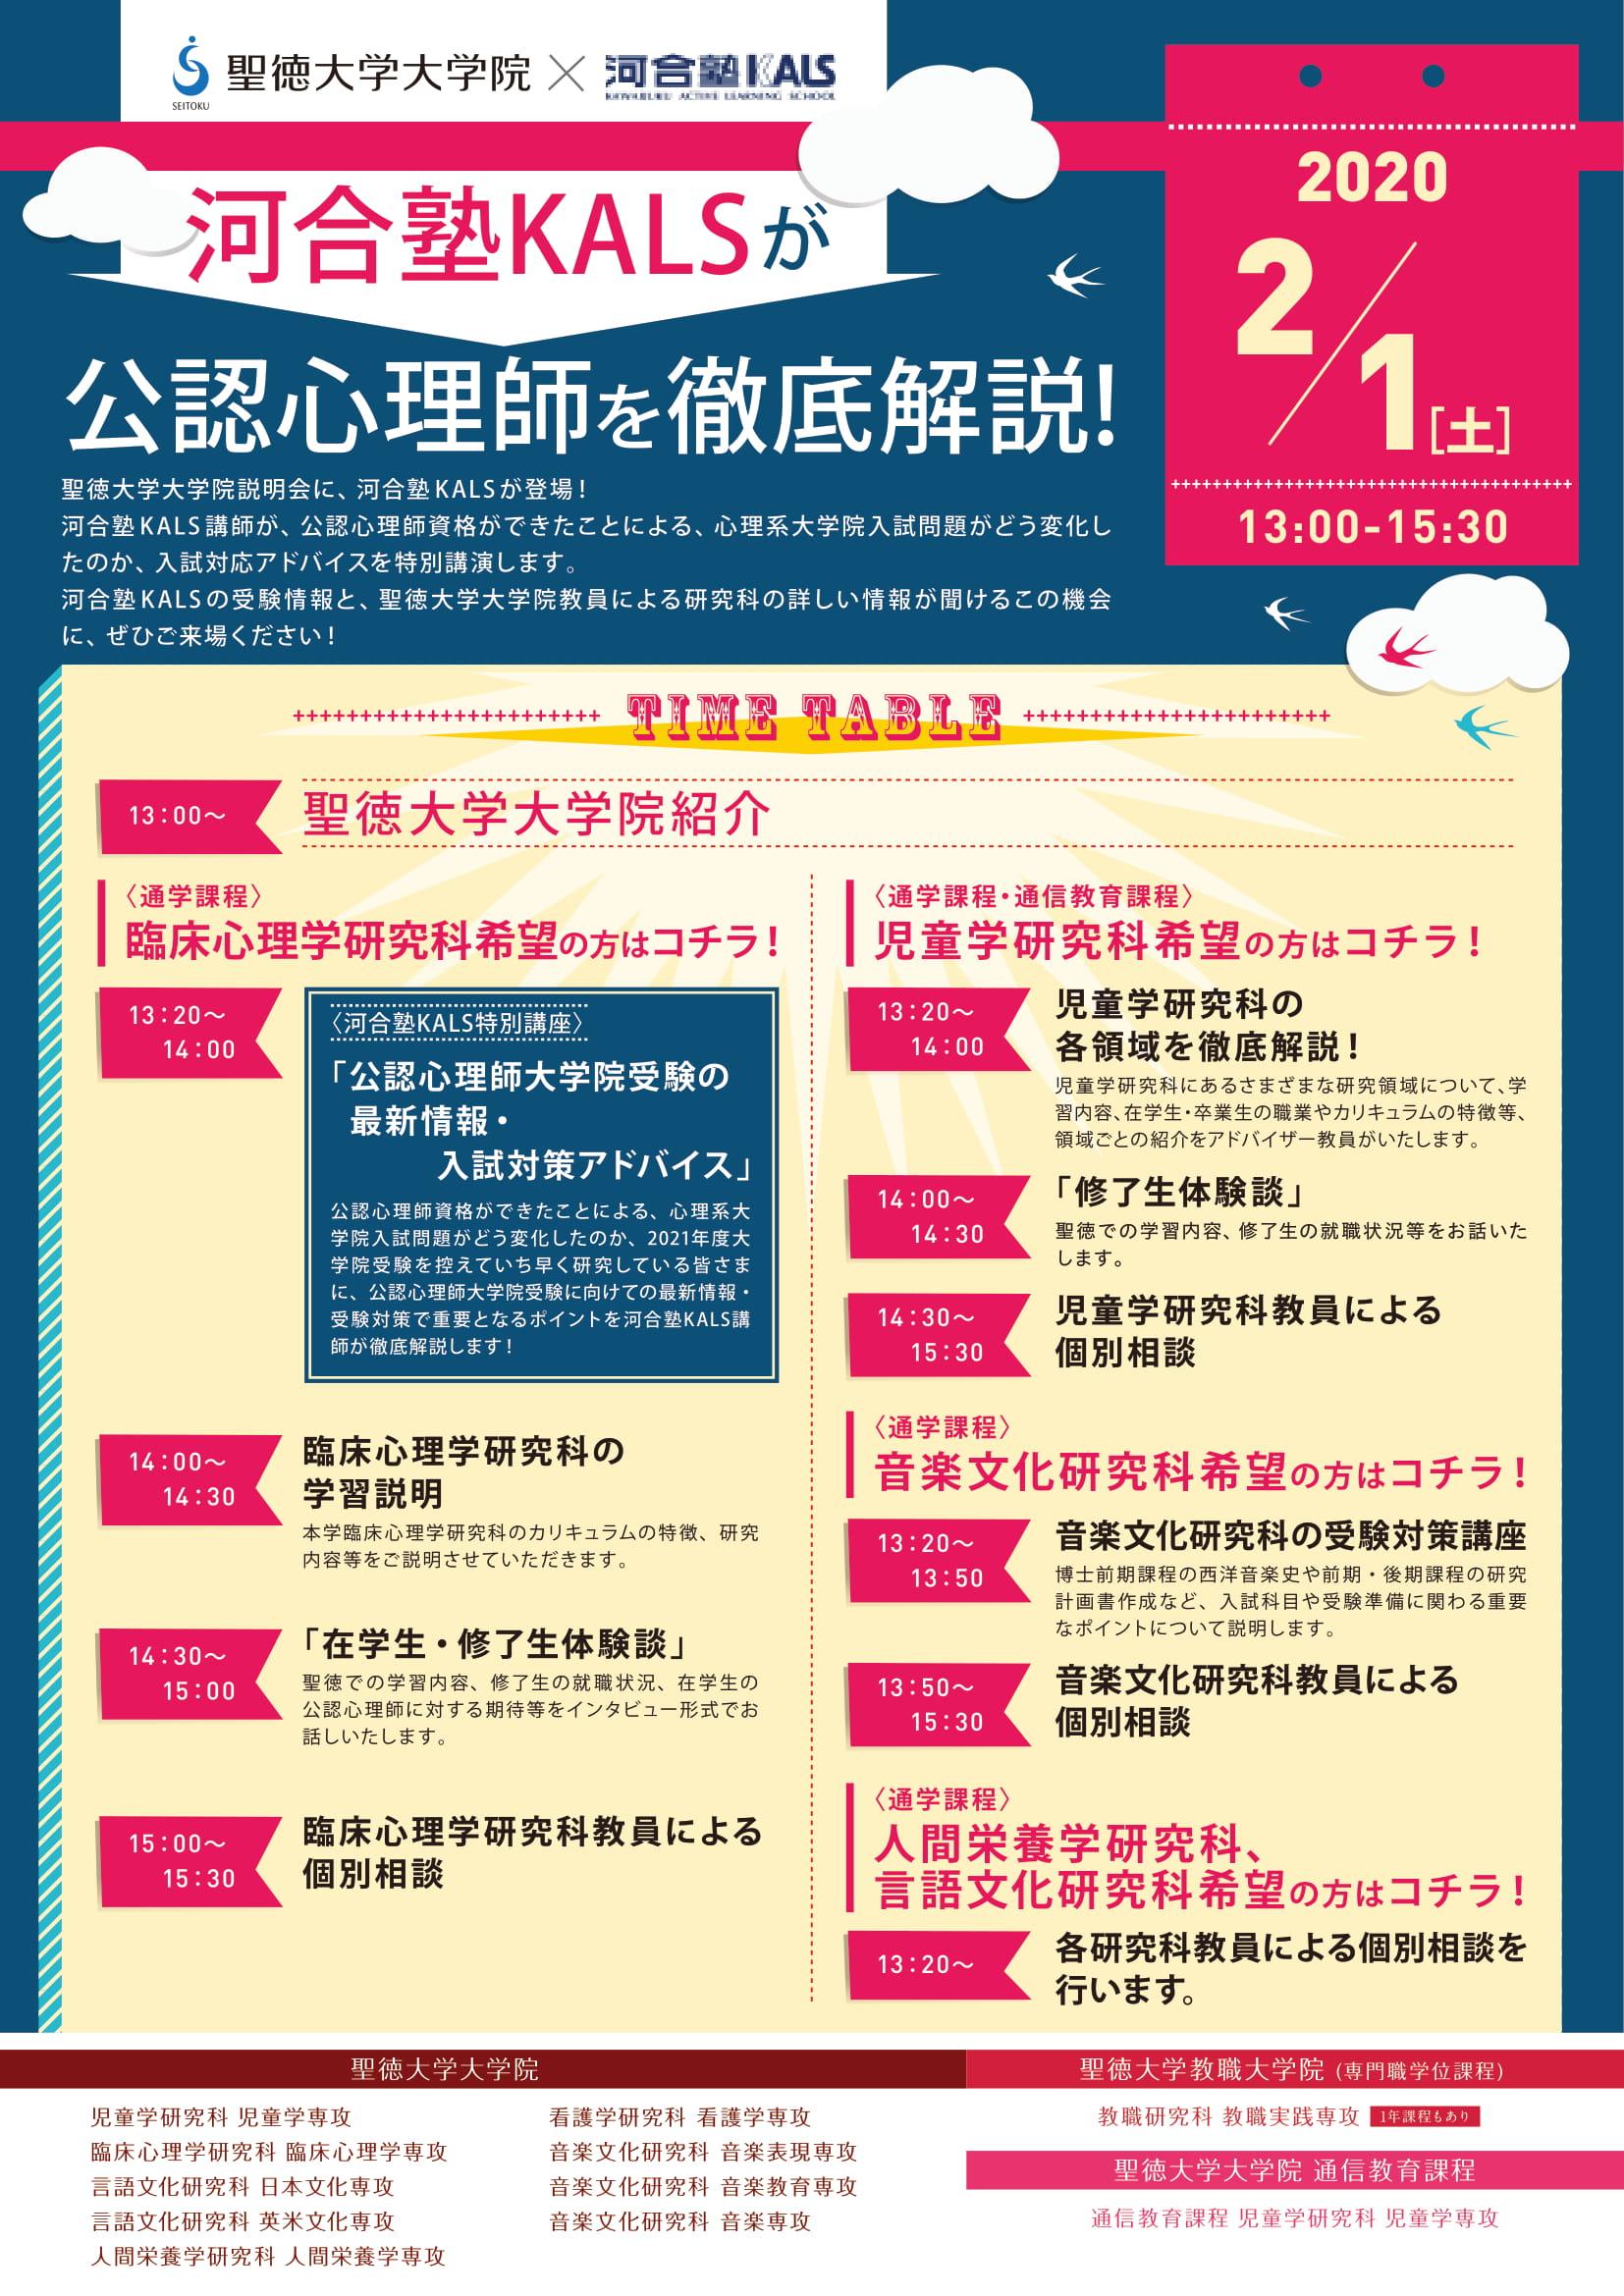 2月1日(土)、大学院説明会を開催します